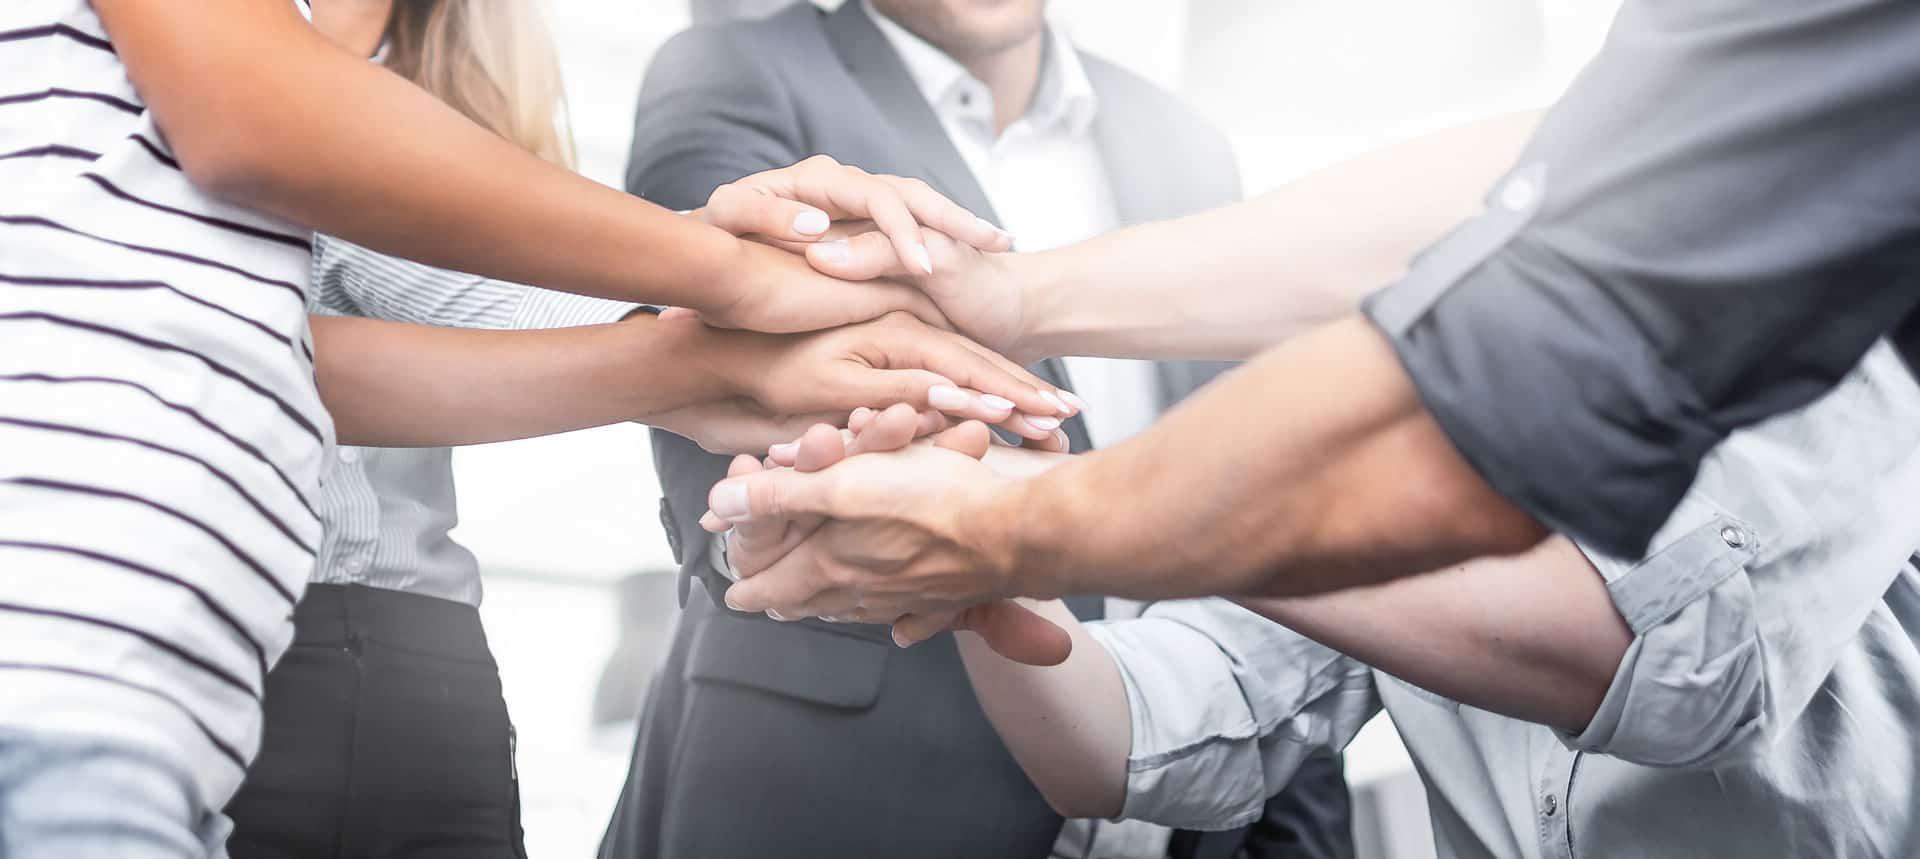 Karriere und Partnerschaft bei inmess